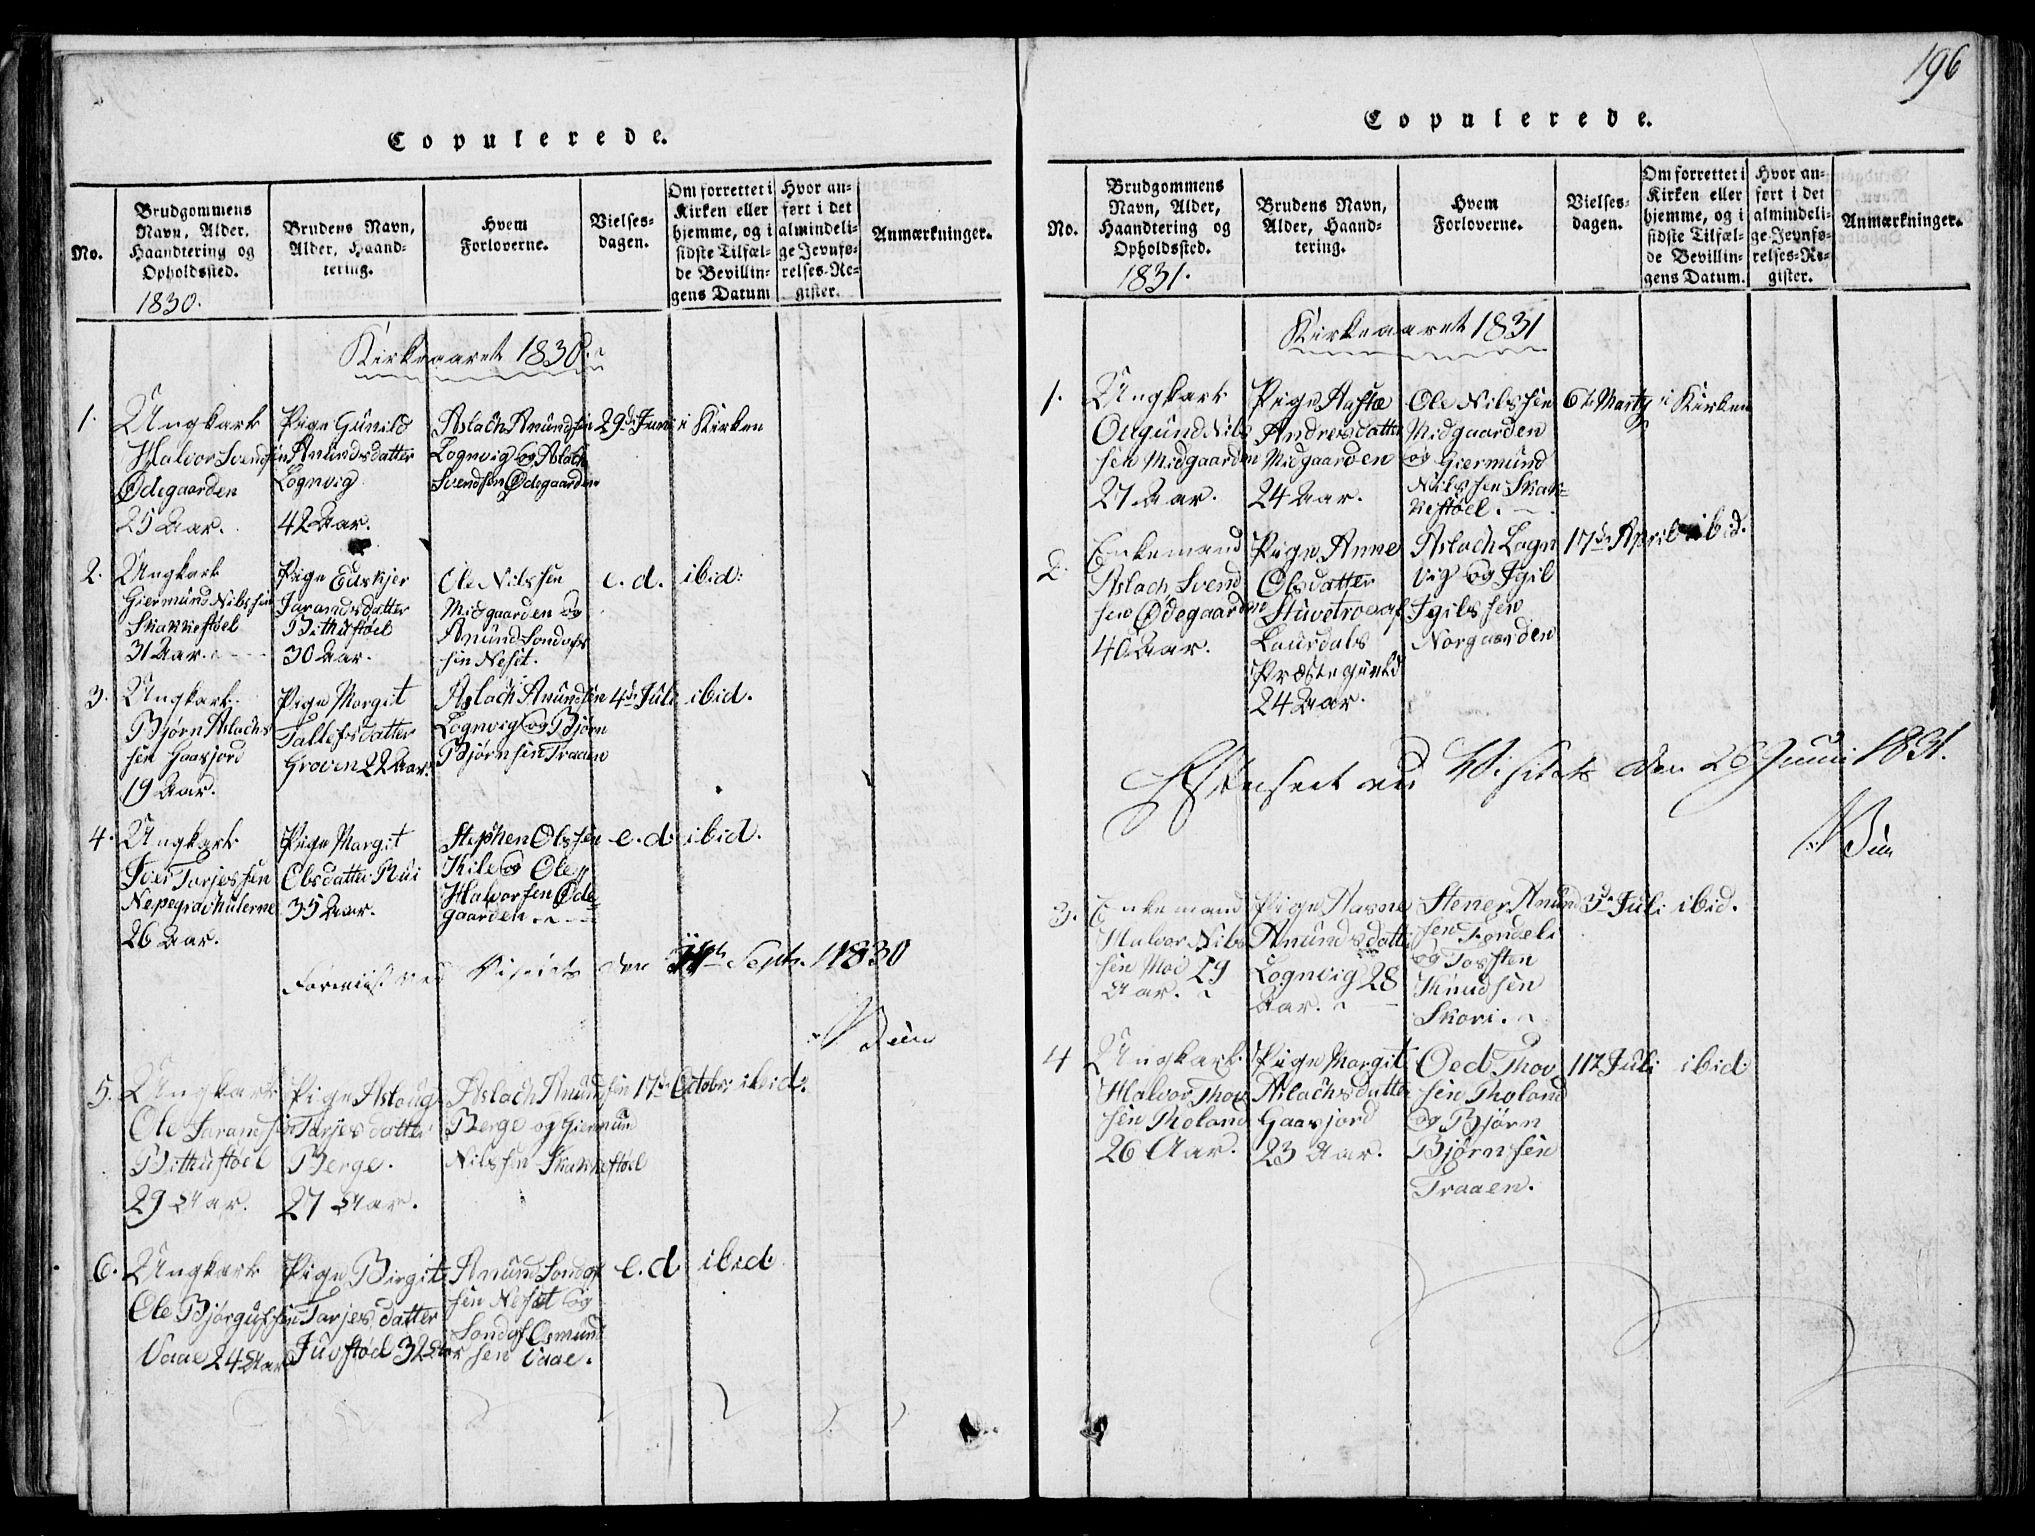 SAKO, Rauland kirkebøker, G/Ga/L0001: Klokkerbok nr. I 1, 1814-1843, s. 196